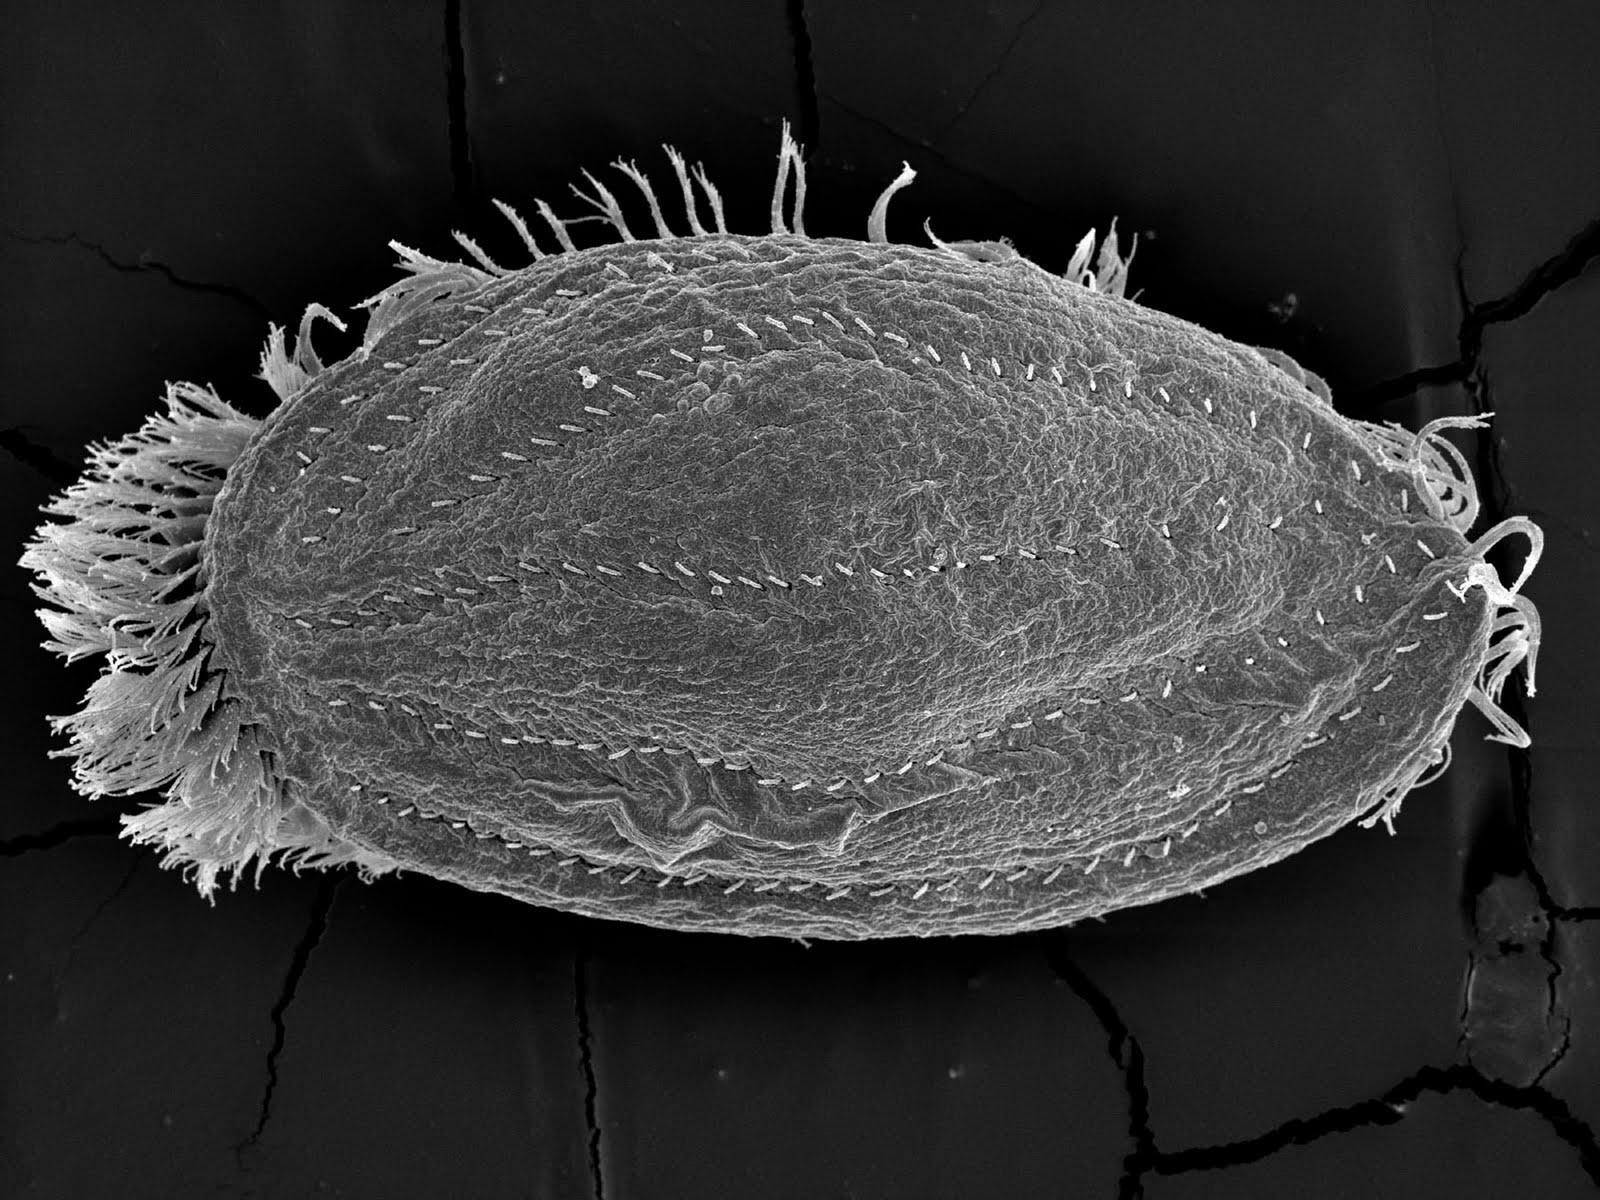 Los parásitos en la persona y el ajo